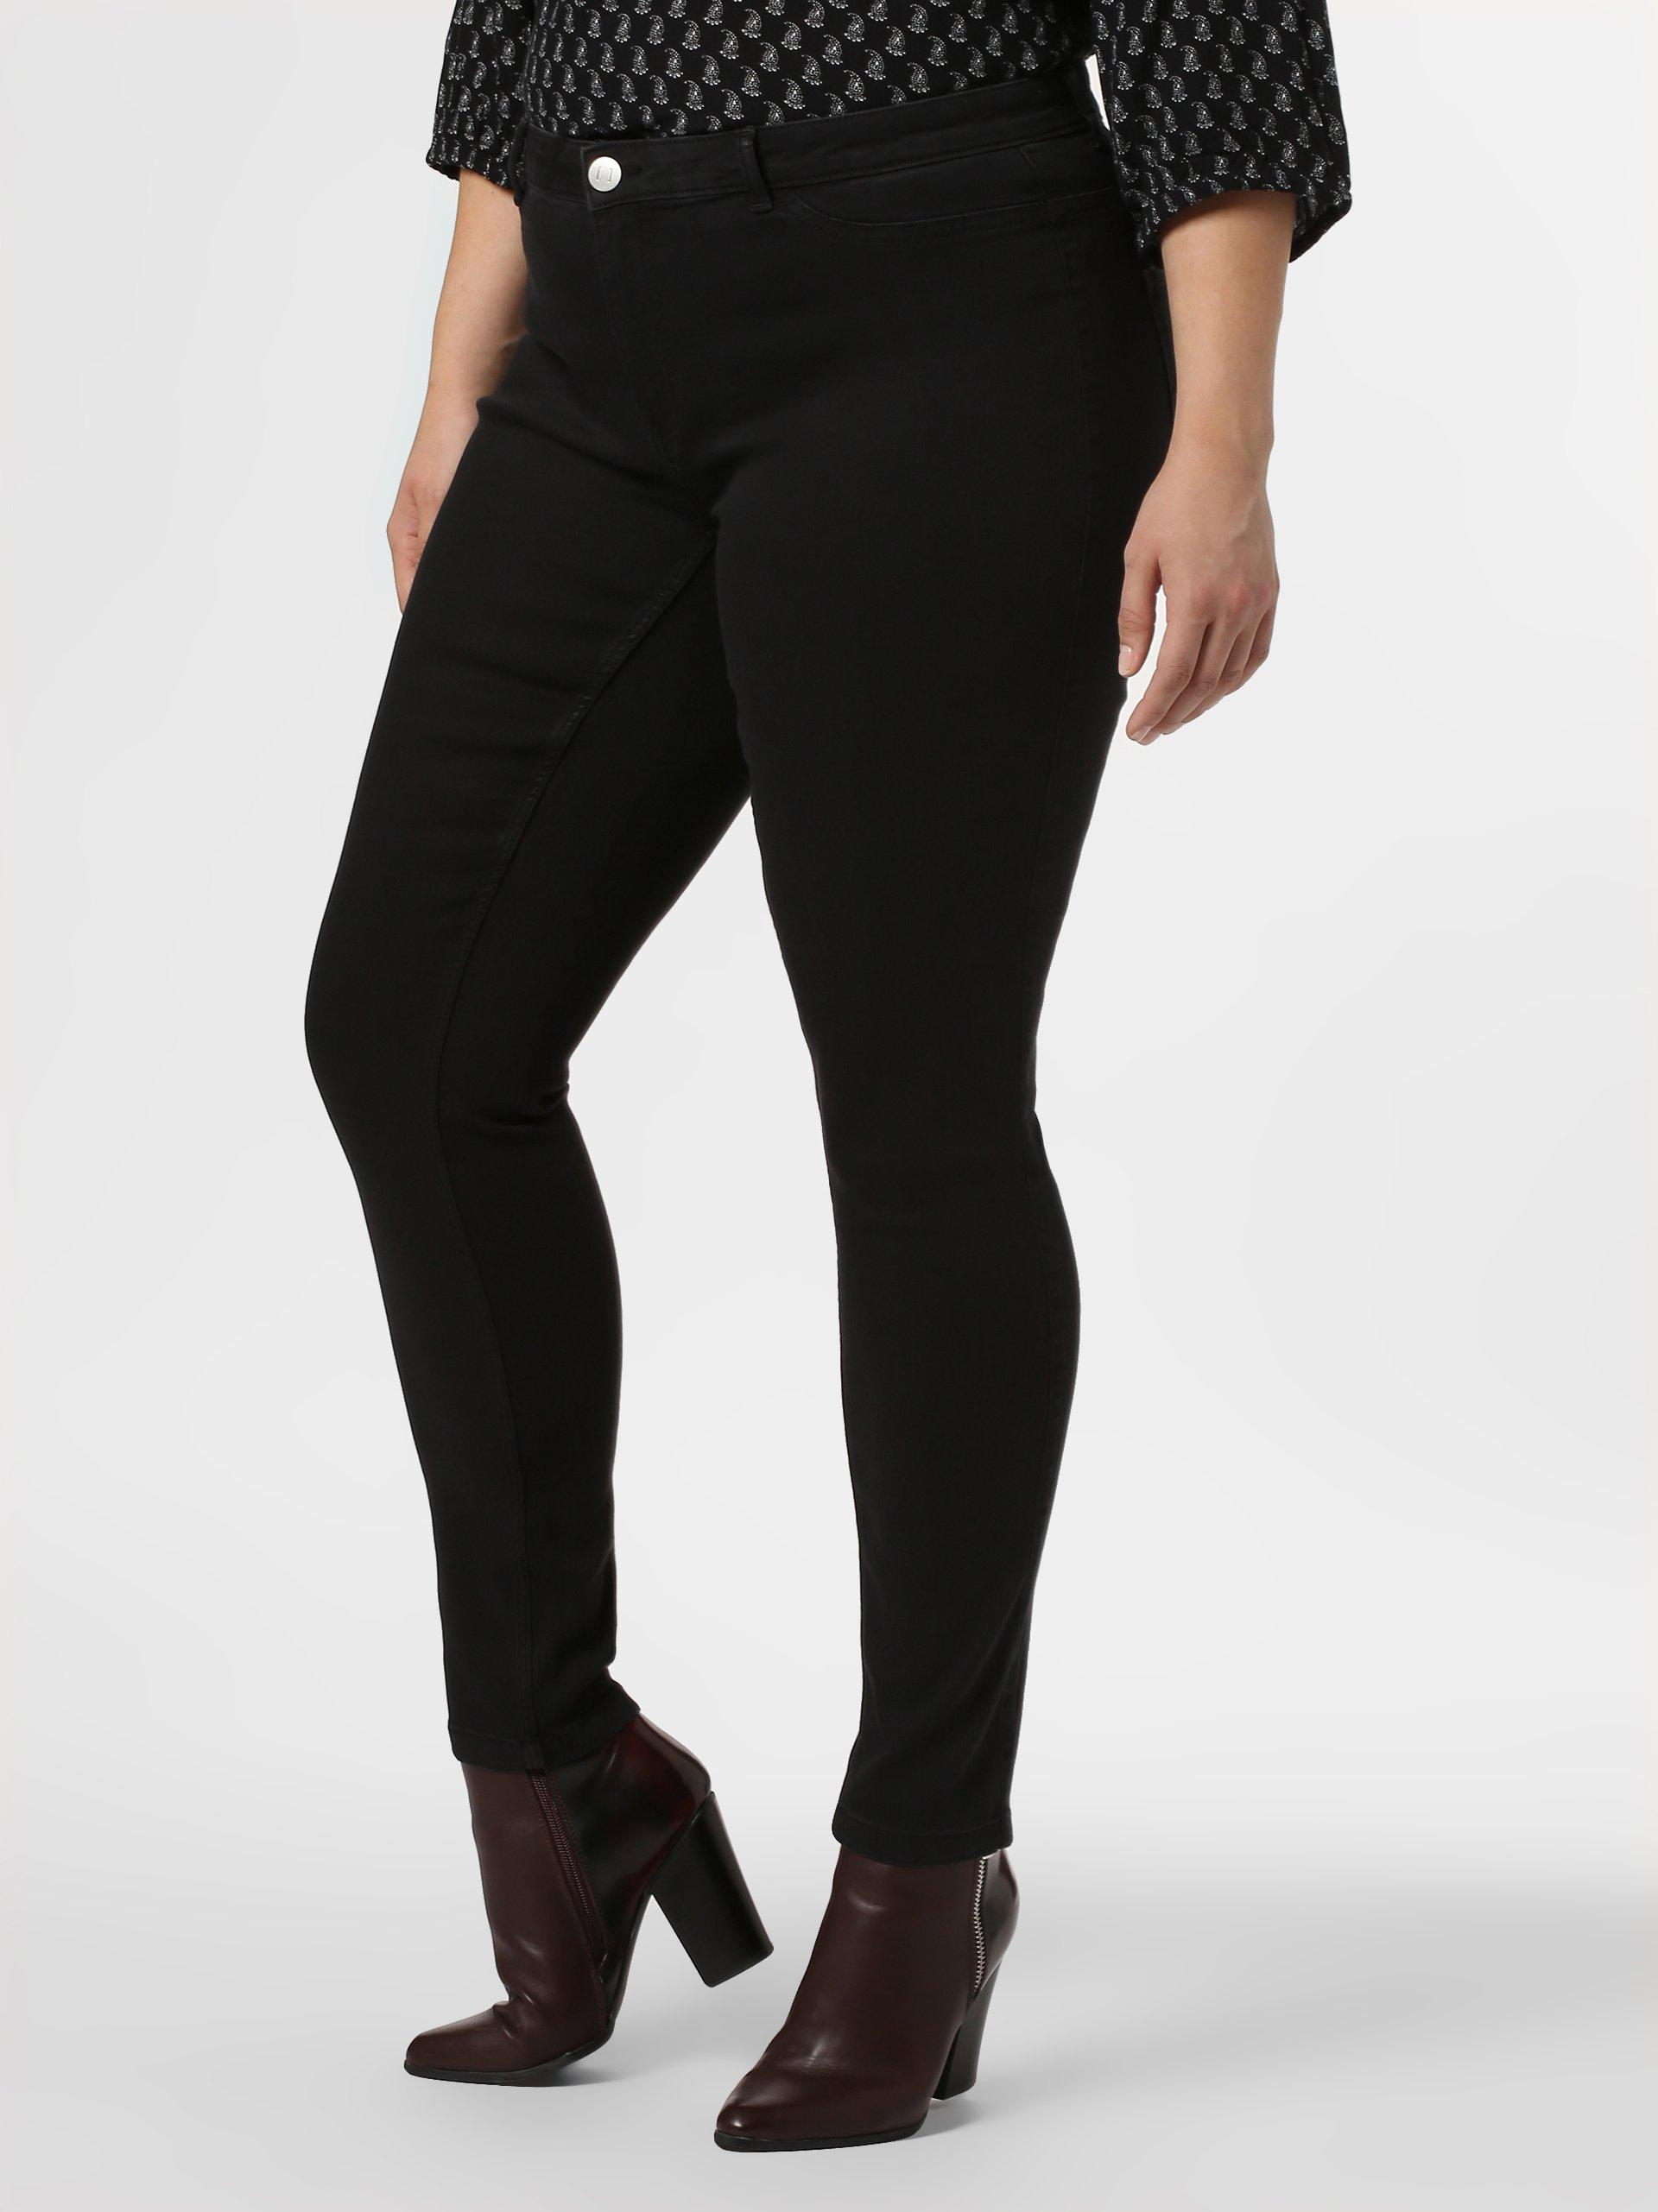 Junarose Damen Jeans - Nora